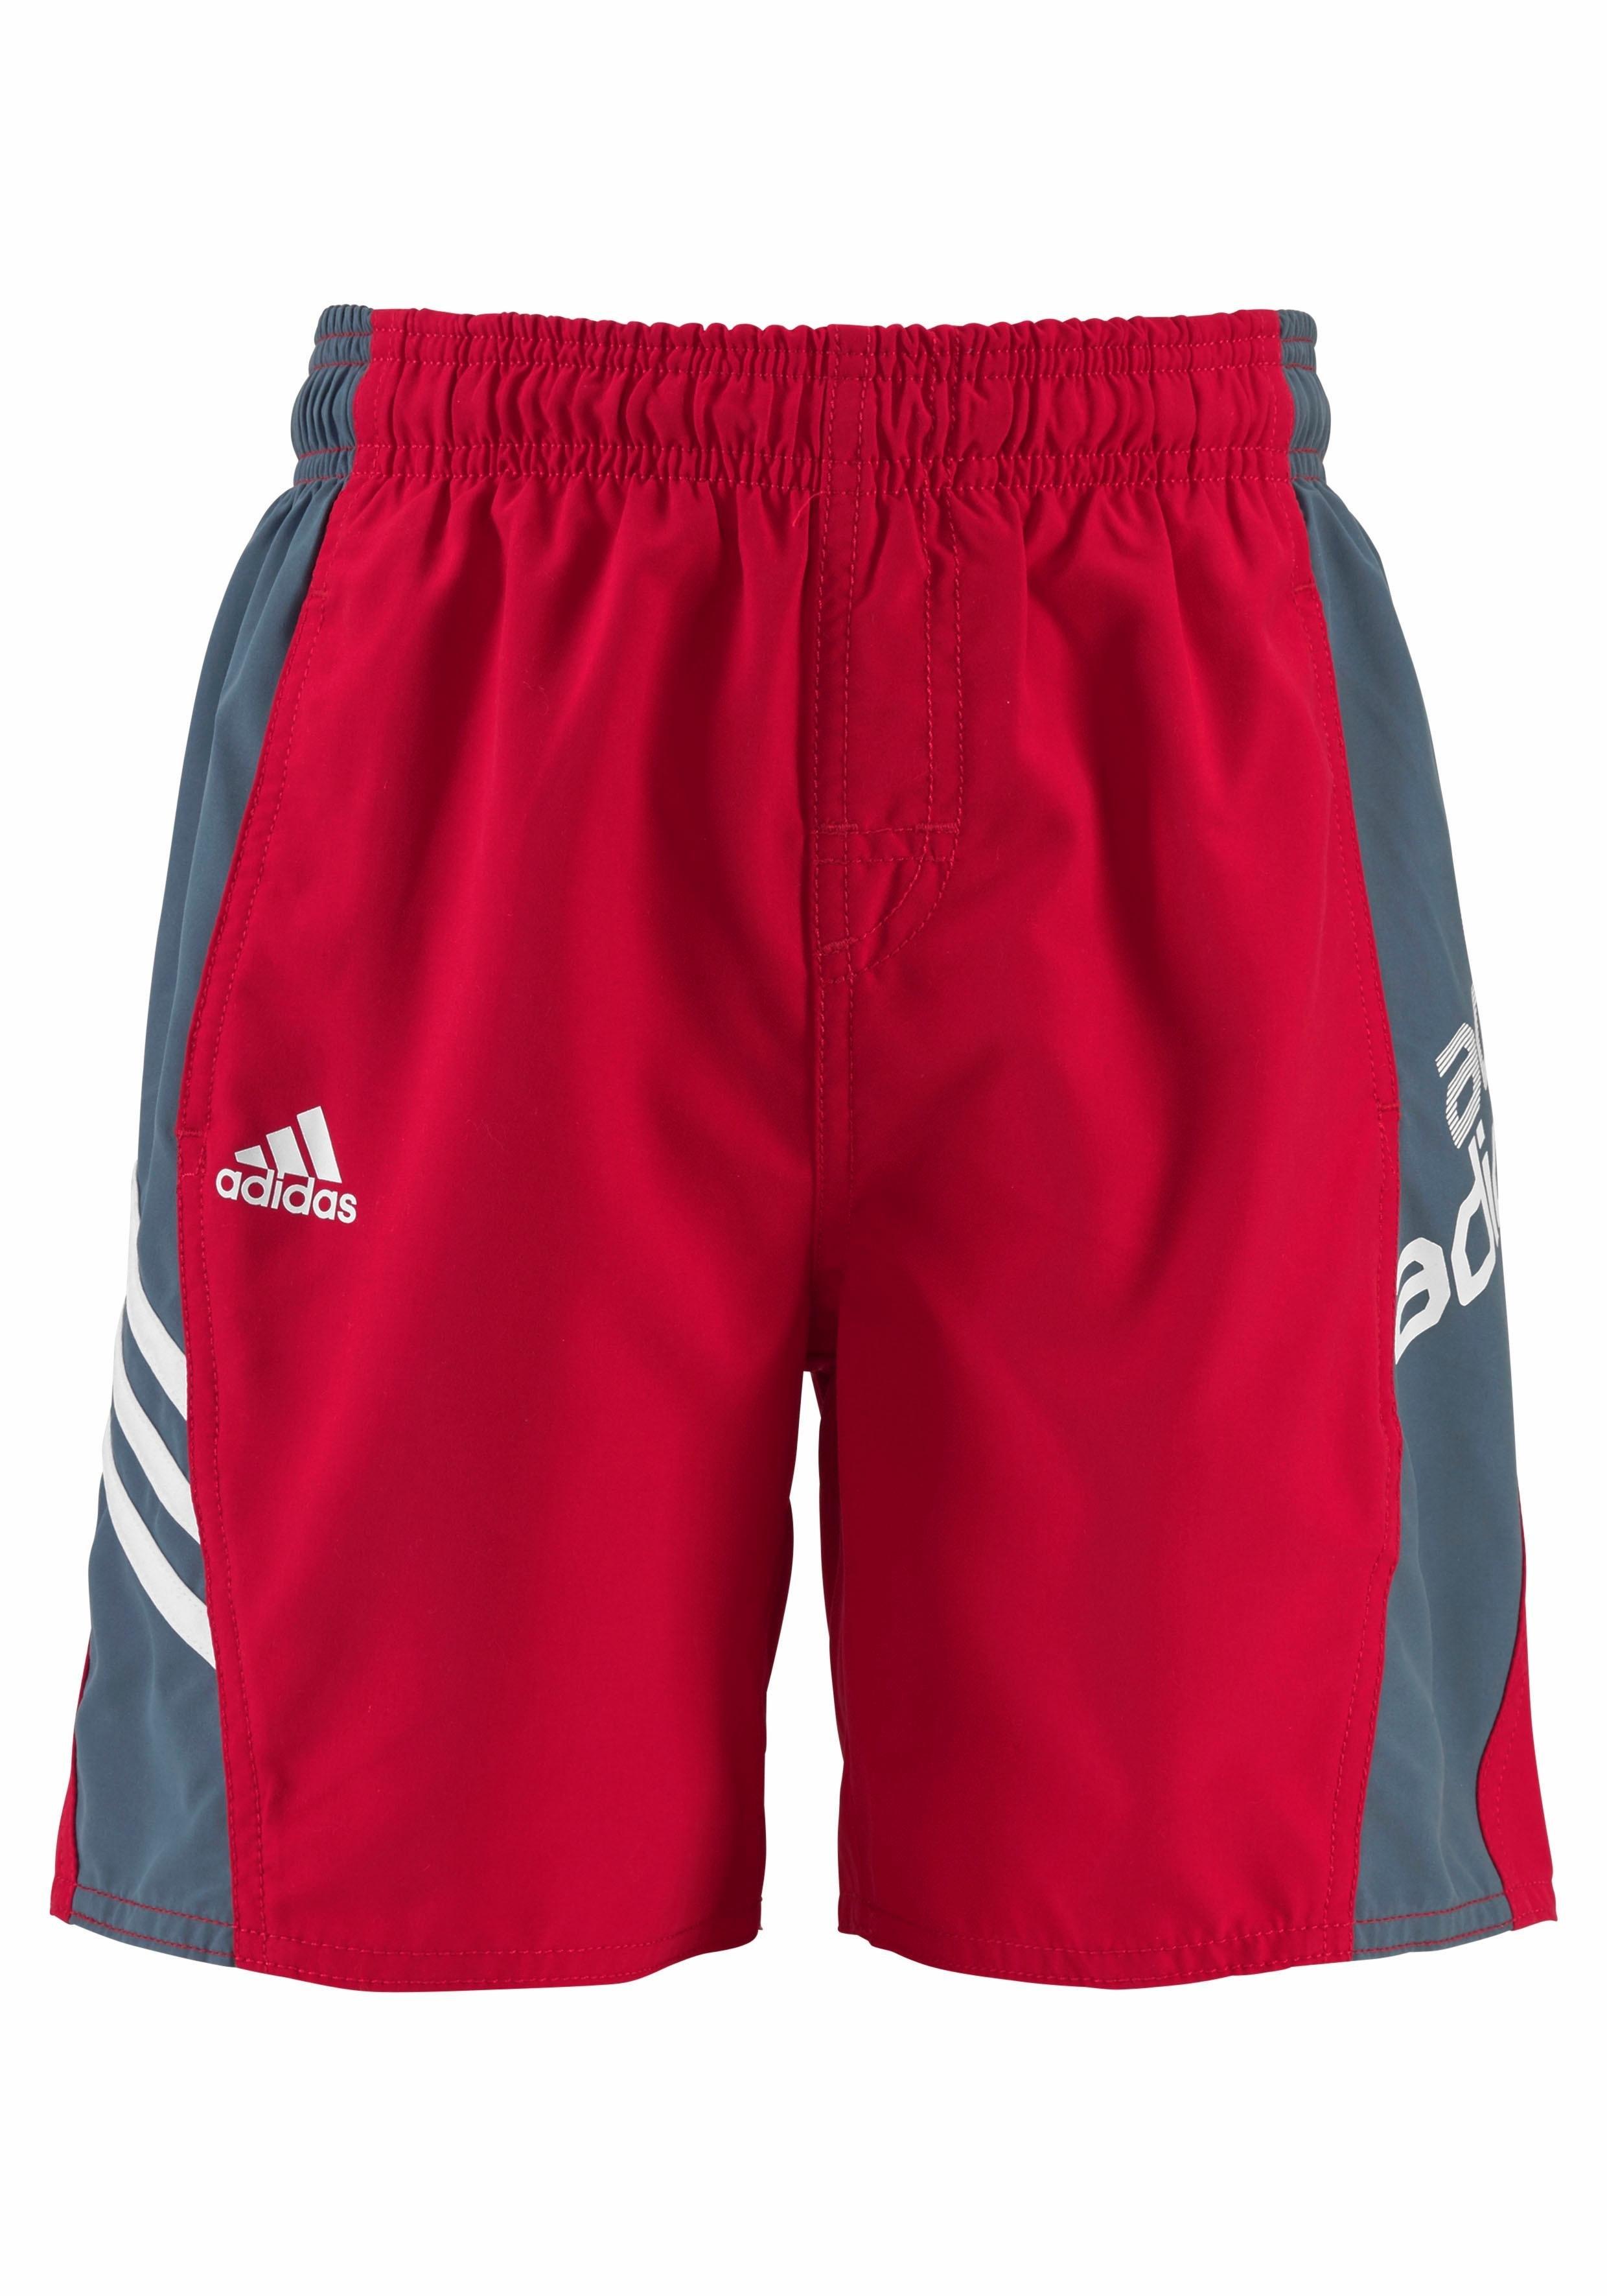 Kinder Zwembroek Kopen.Zwemshort Adidas Online Kopen Otto